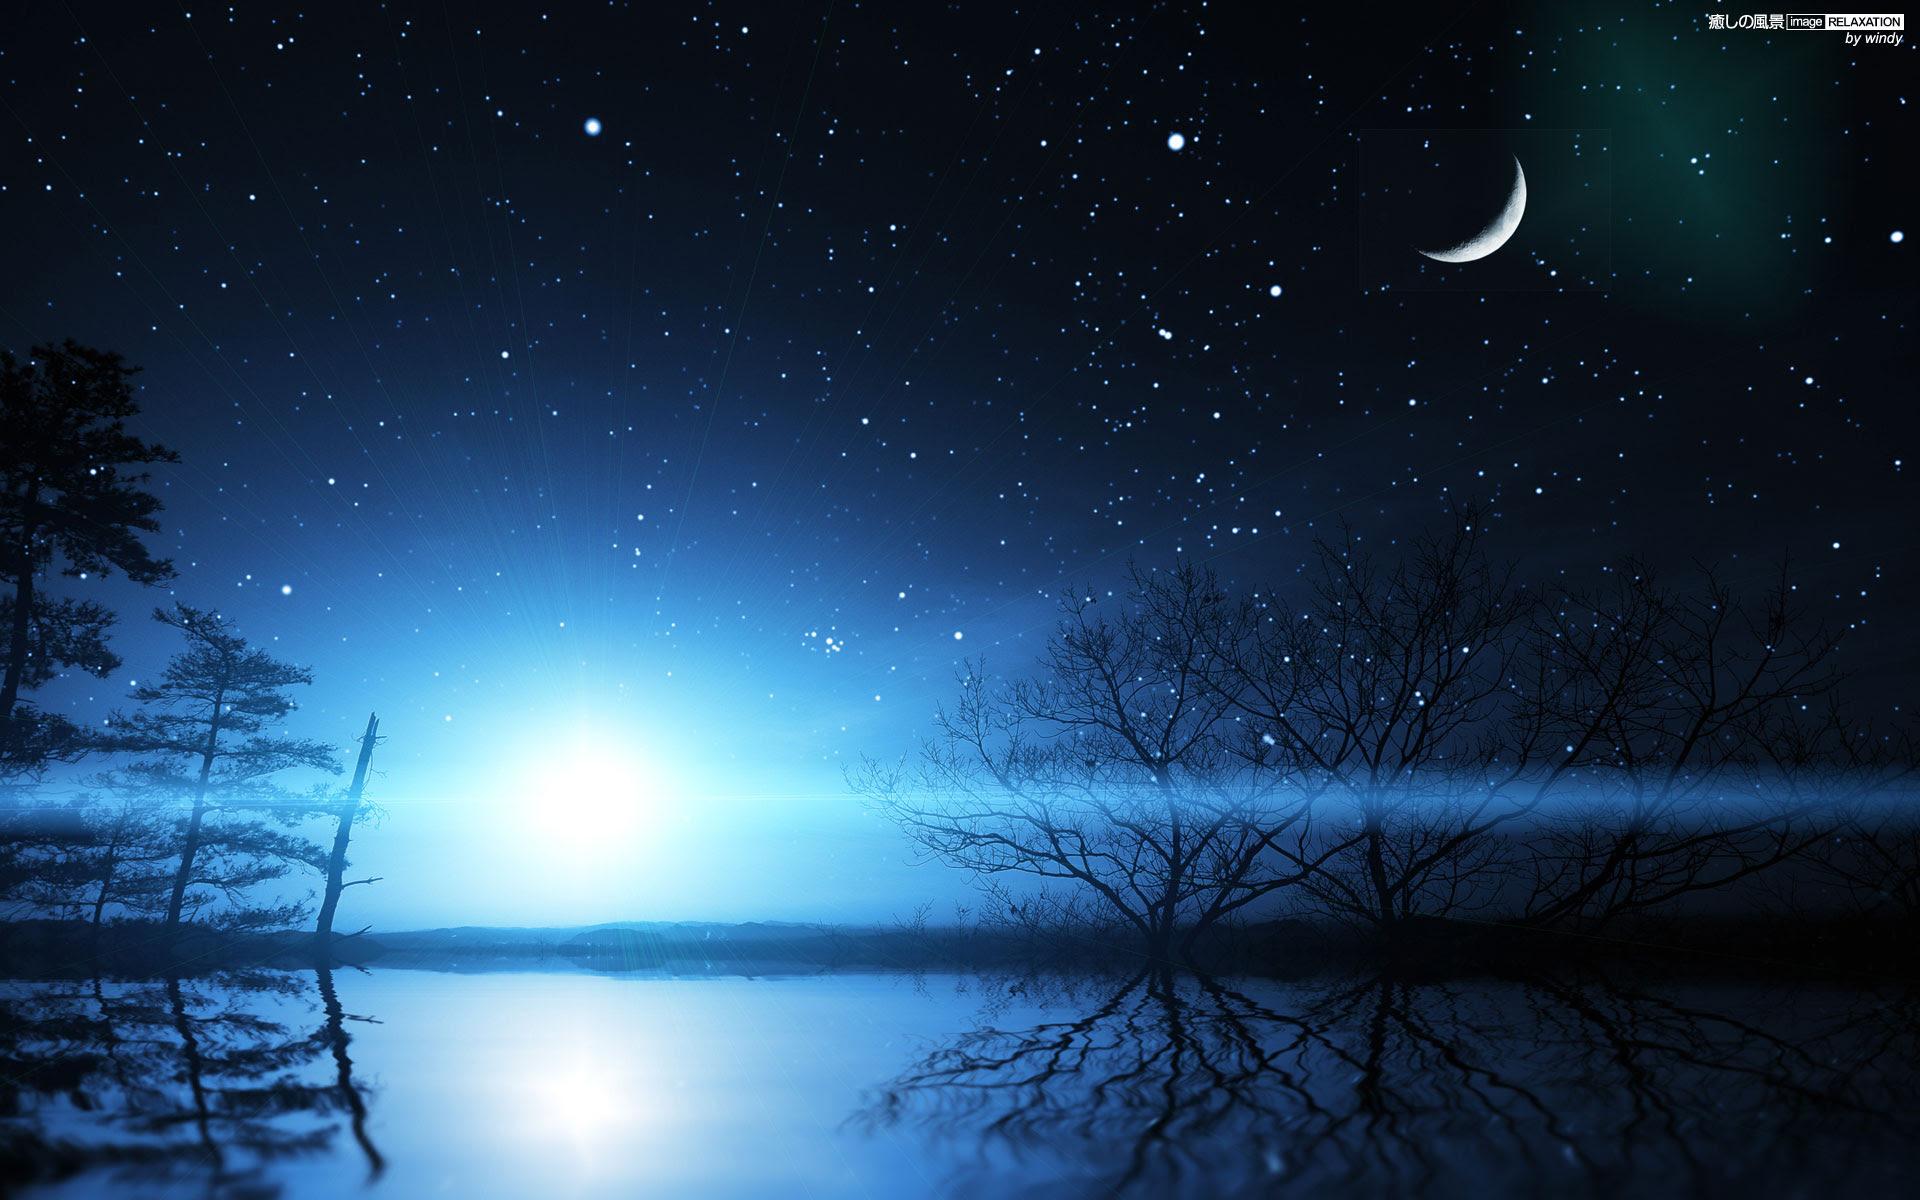 壁紙 キレイな夜空の画像 壁紙 キレイな夜空の画像 Naver まとめ